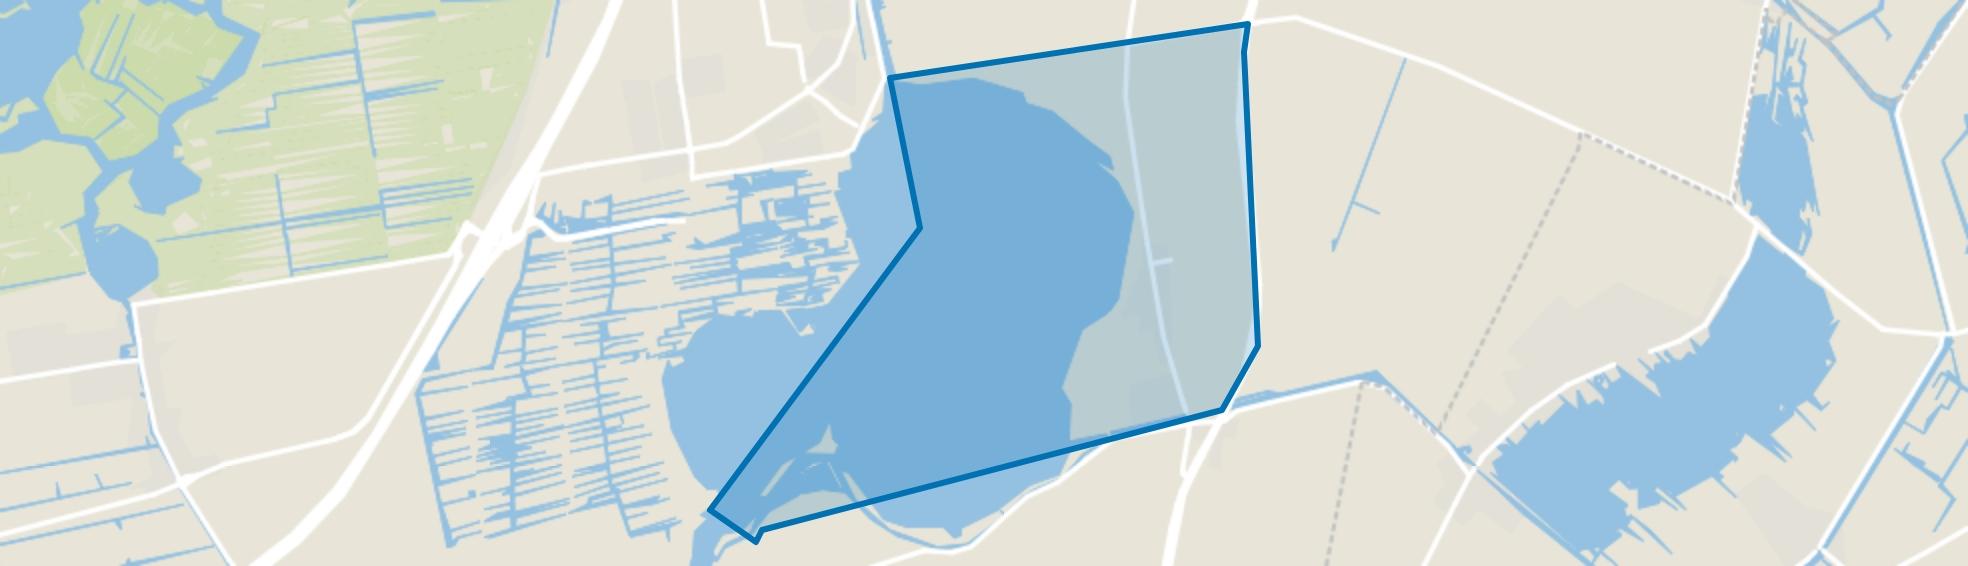 Rijnsaterwoude, Rijnsaterwoude map